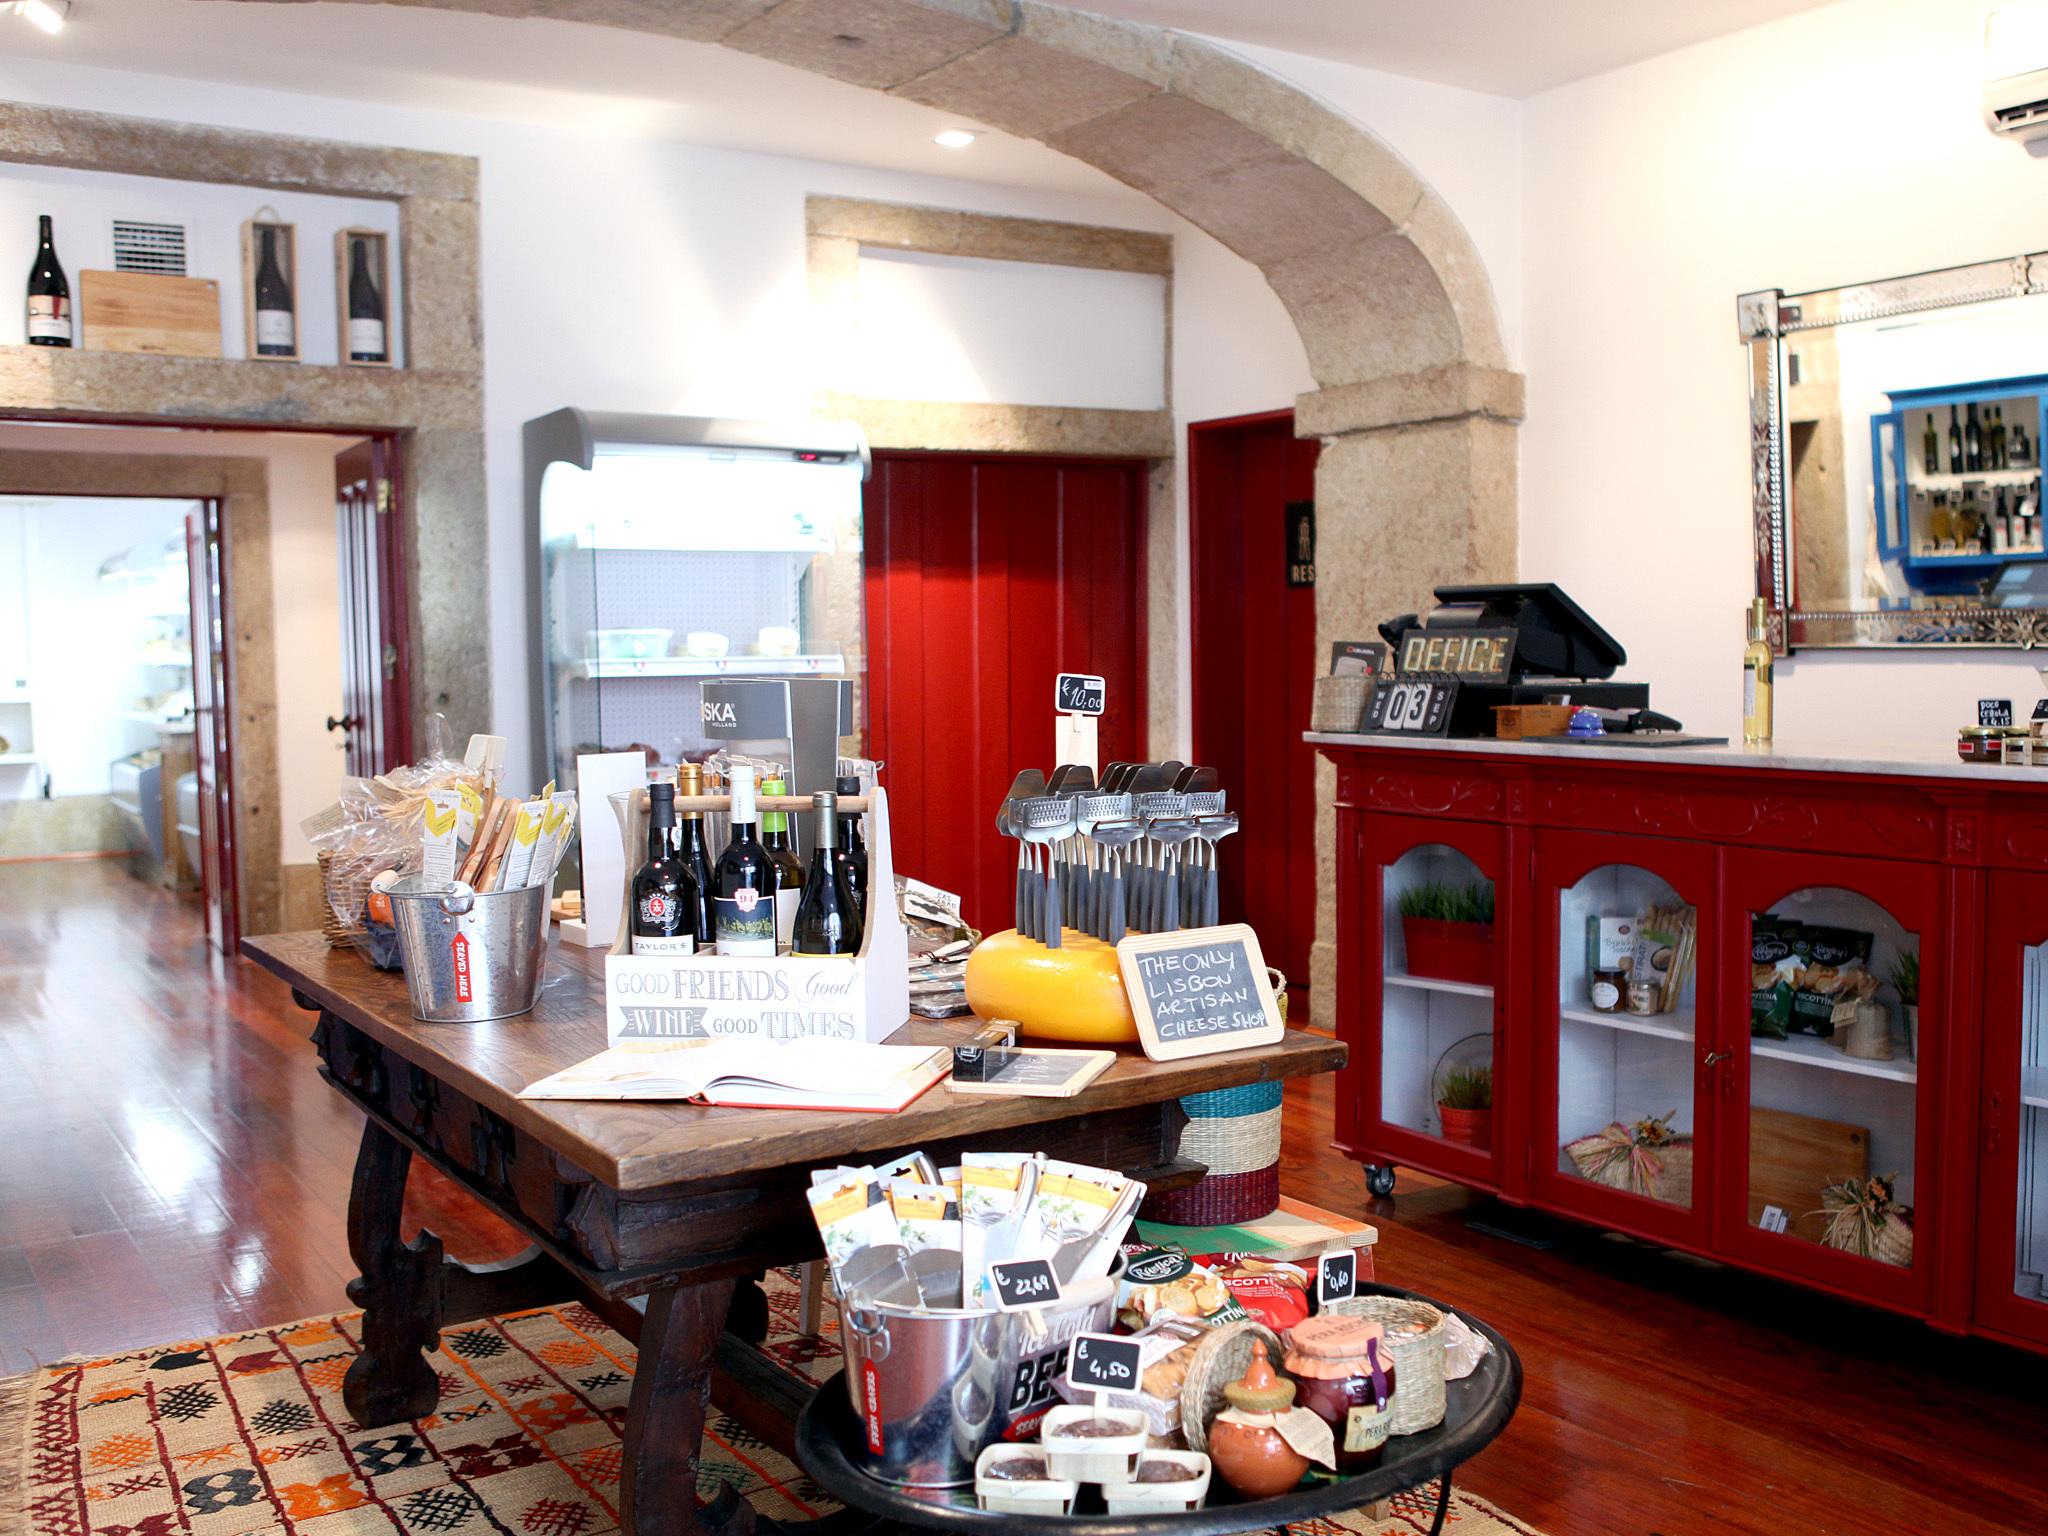 Queijaria – Cheese Shop & Bar